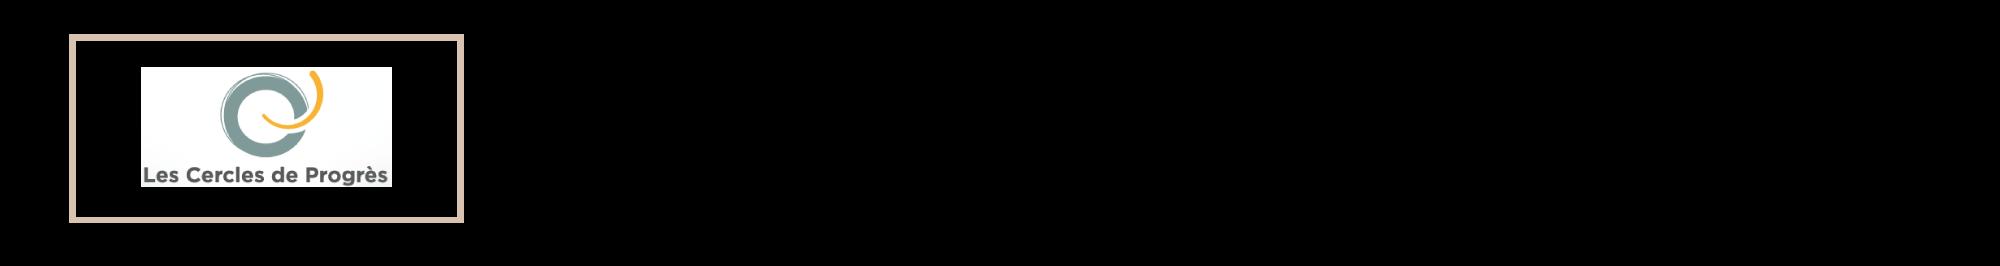 CercleMaroc-EN